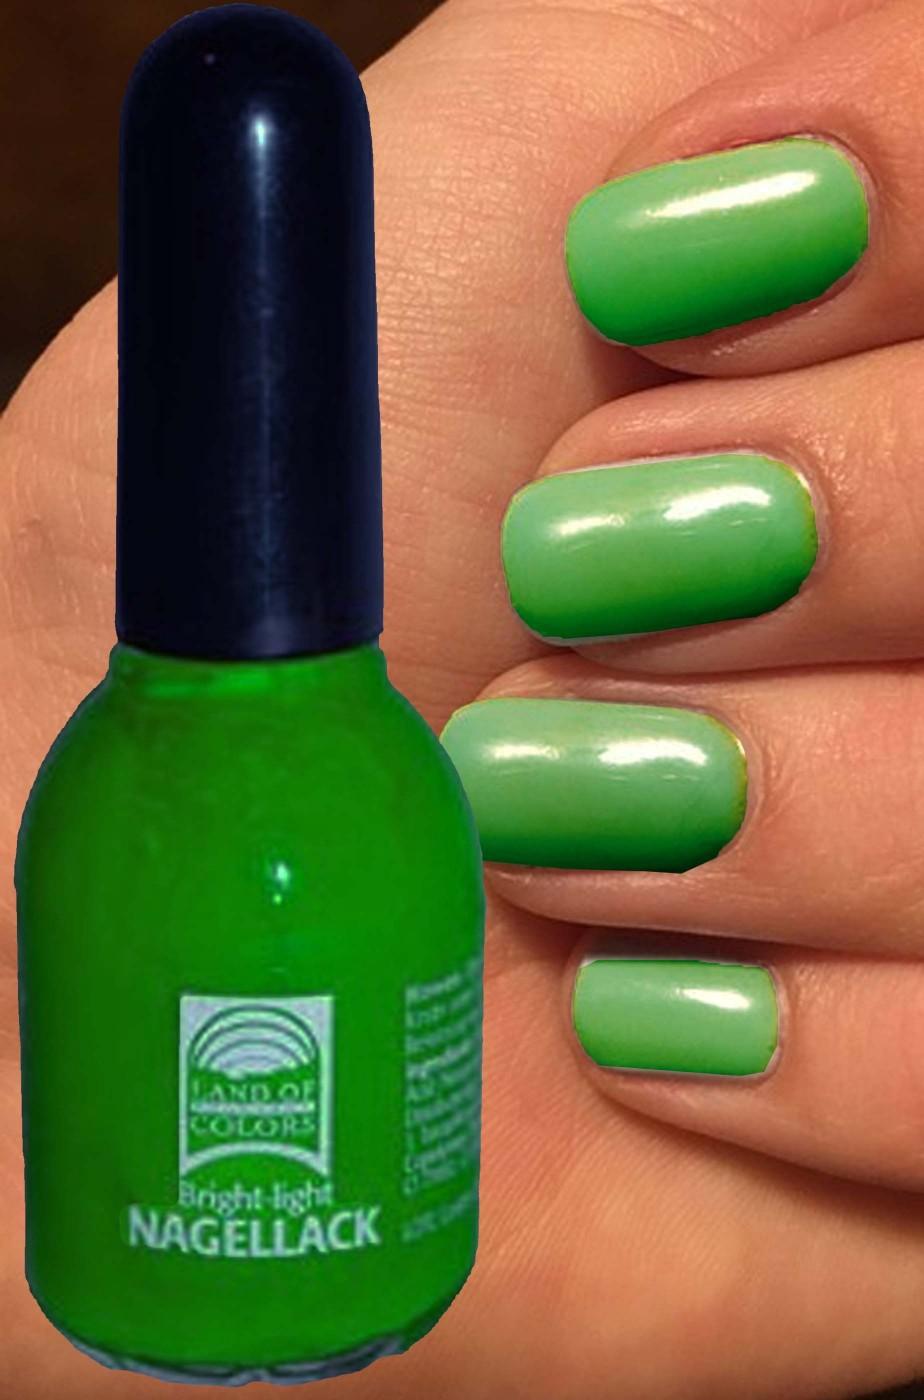 Smalto per unghie verde muschio nail art strega 15 ml